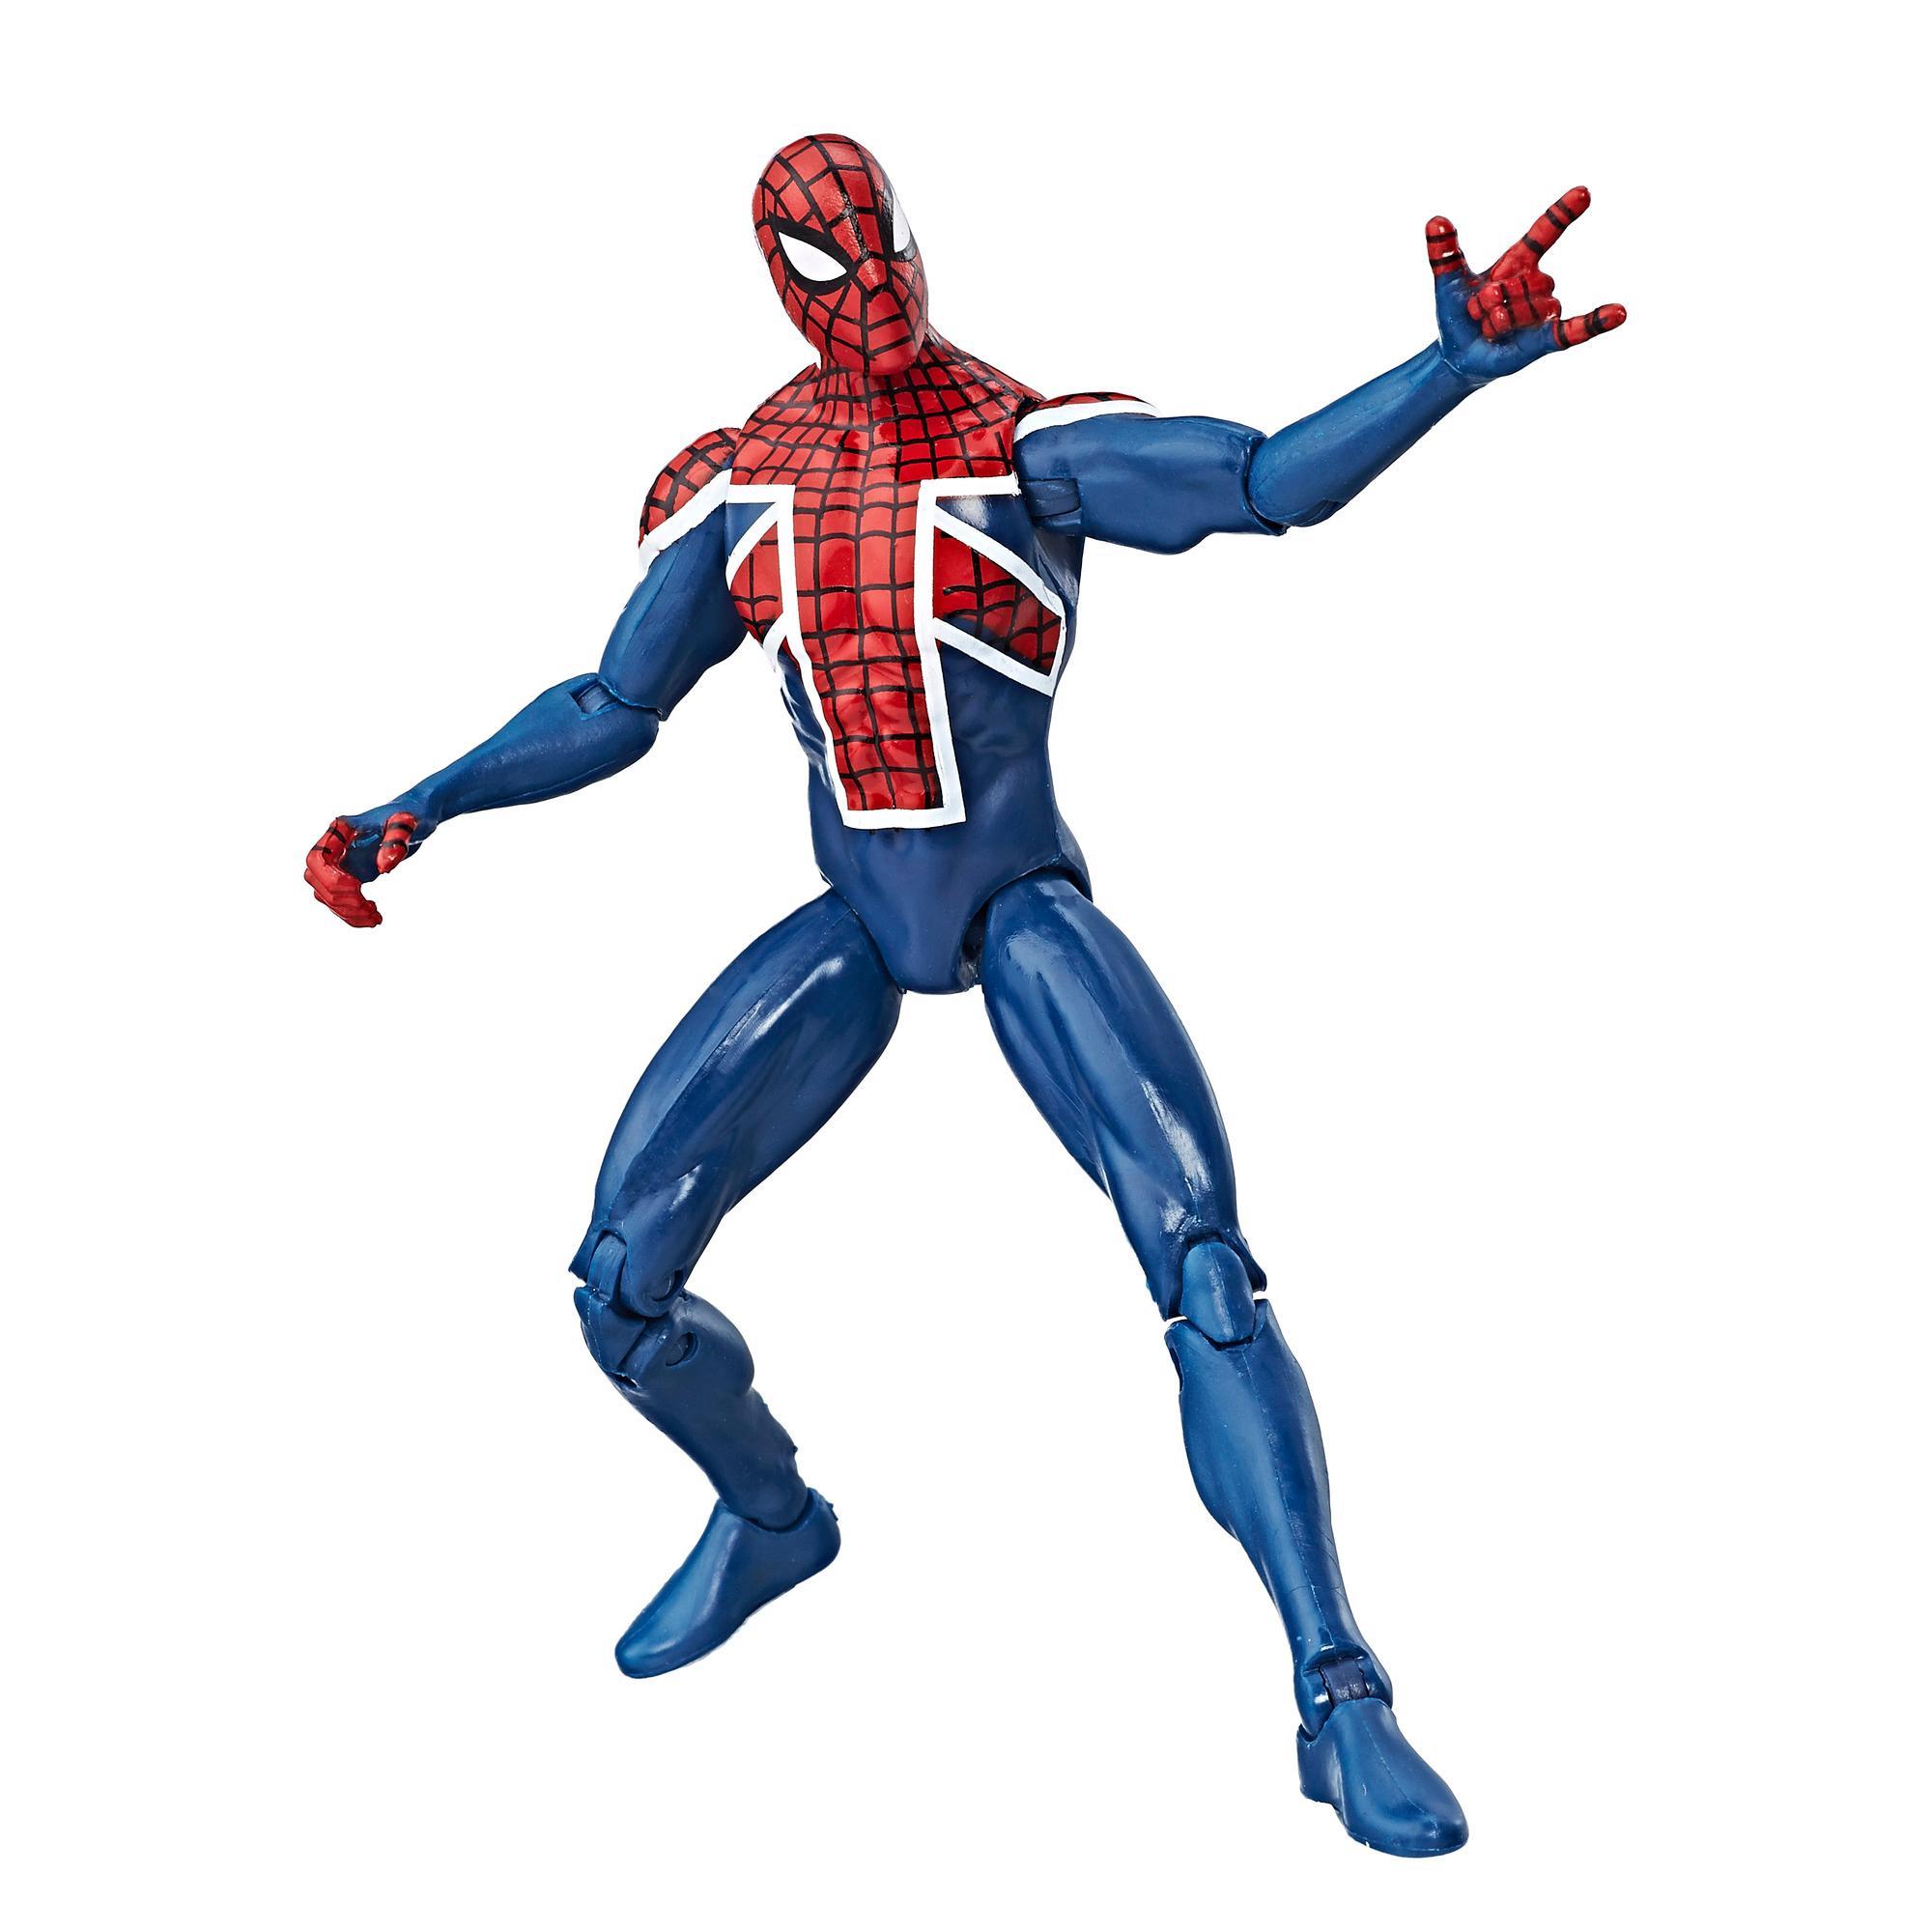 Коллекционная фигурка Мстителей Спайдер-Юкей 9,5 см.